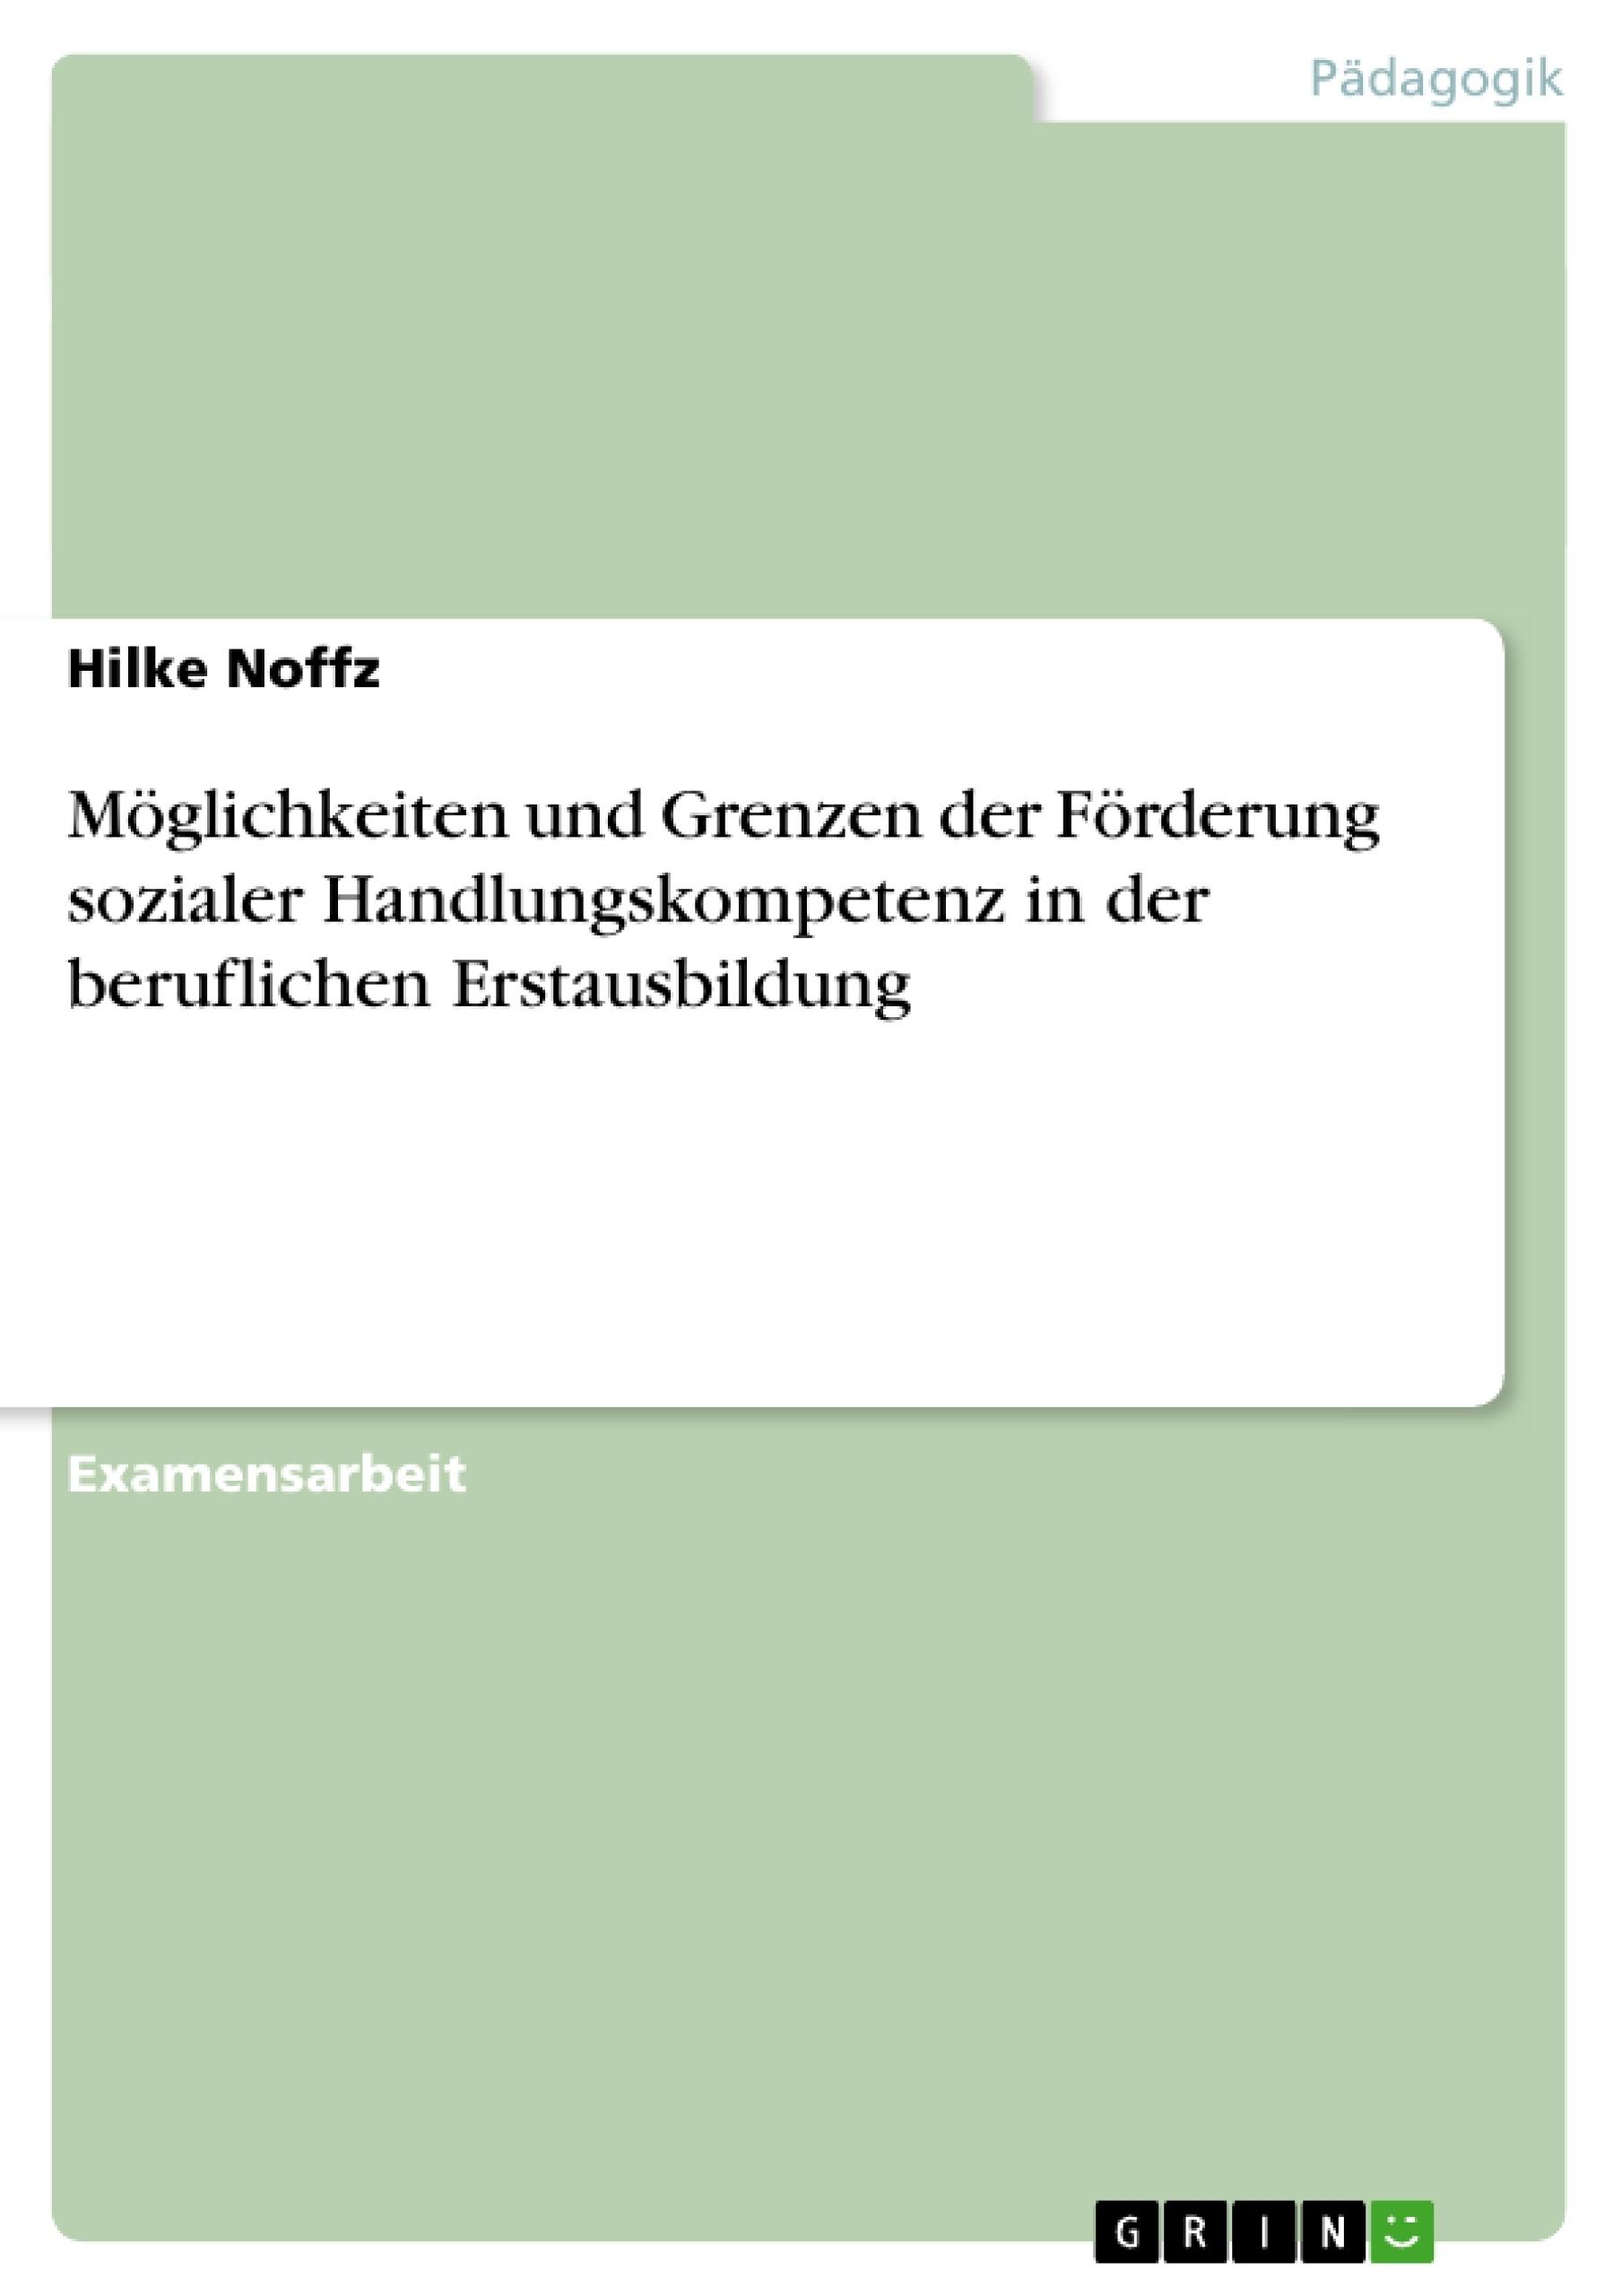 Titel: Möglichkeiten und Grenzen der Förderung sozialer Handlungskompetenz in der beruflichen Erstausbildung